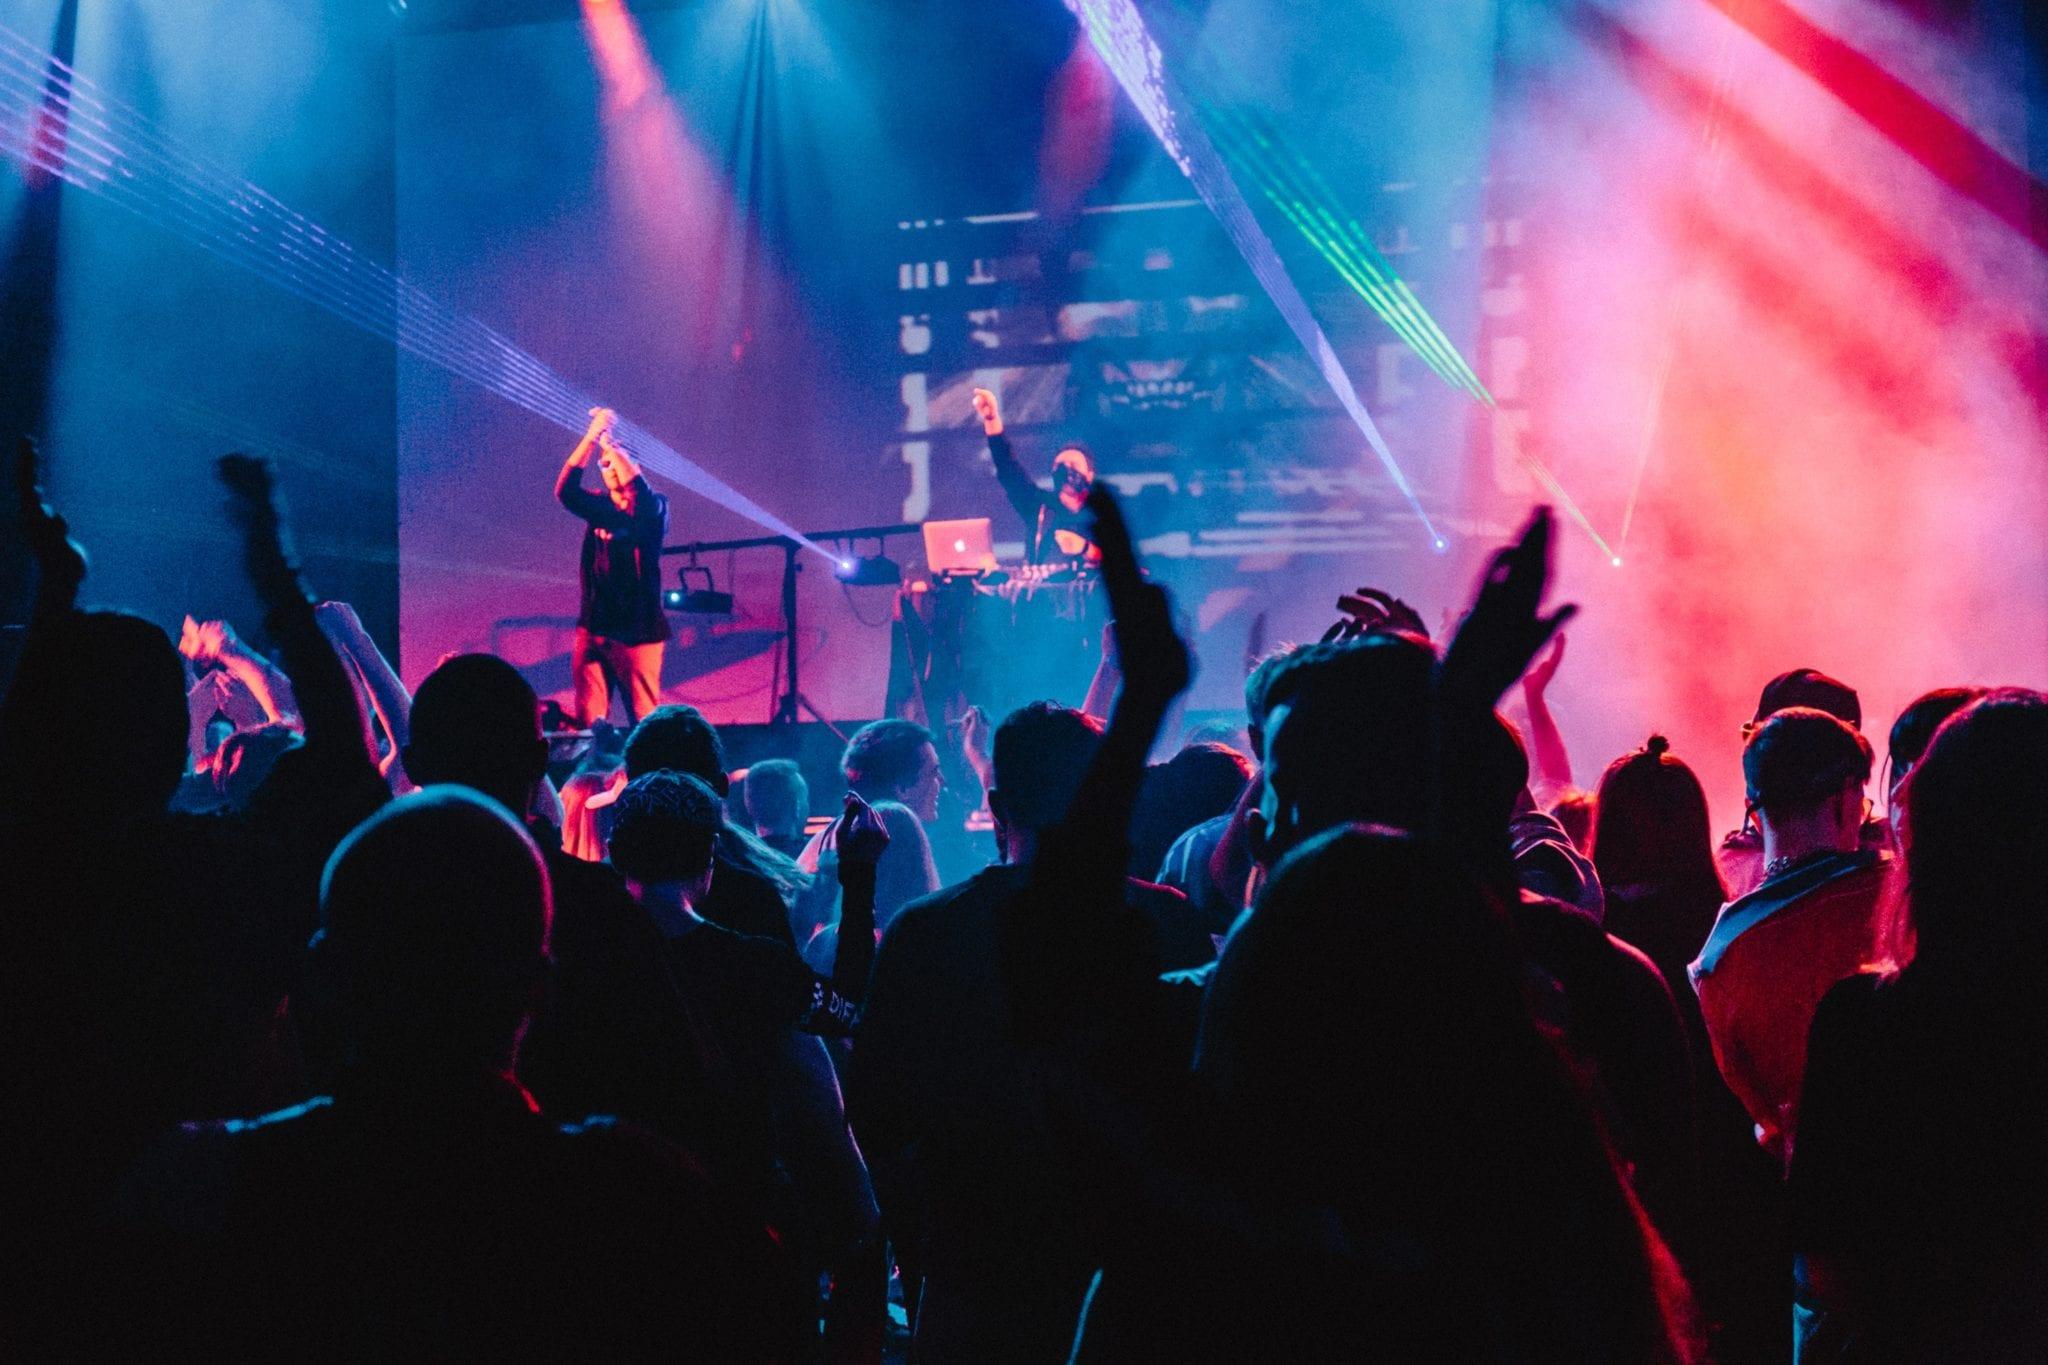 Las Colaboraciones Y Alianzas Con Mucho Power Entre Artistas Y Cantantes 2heart